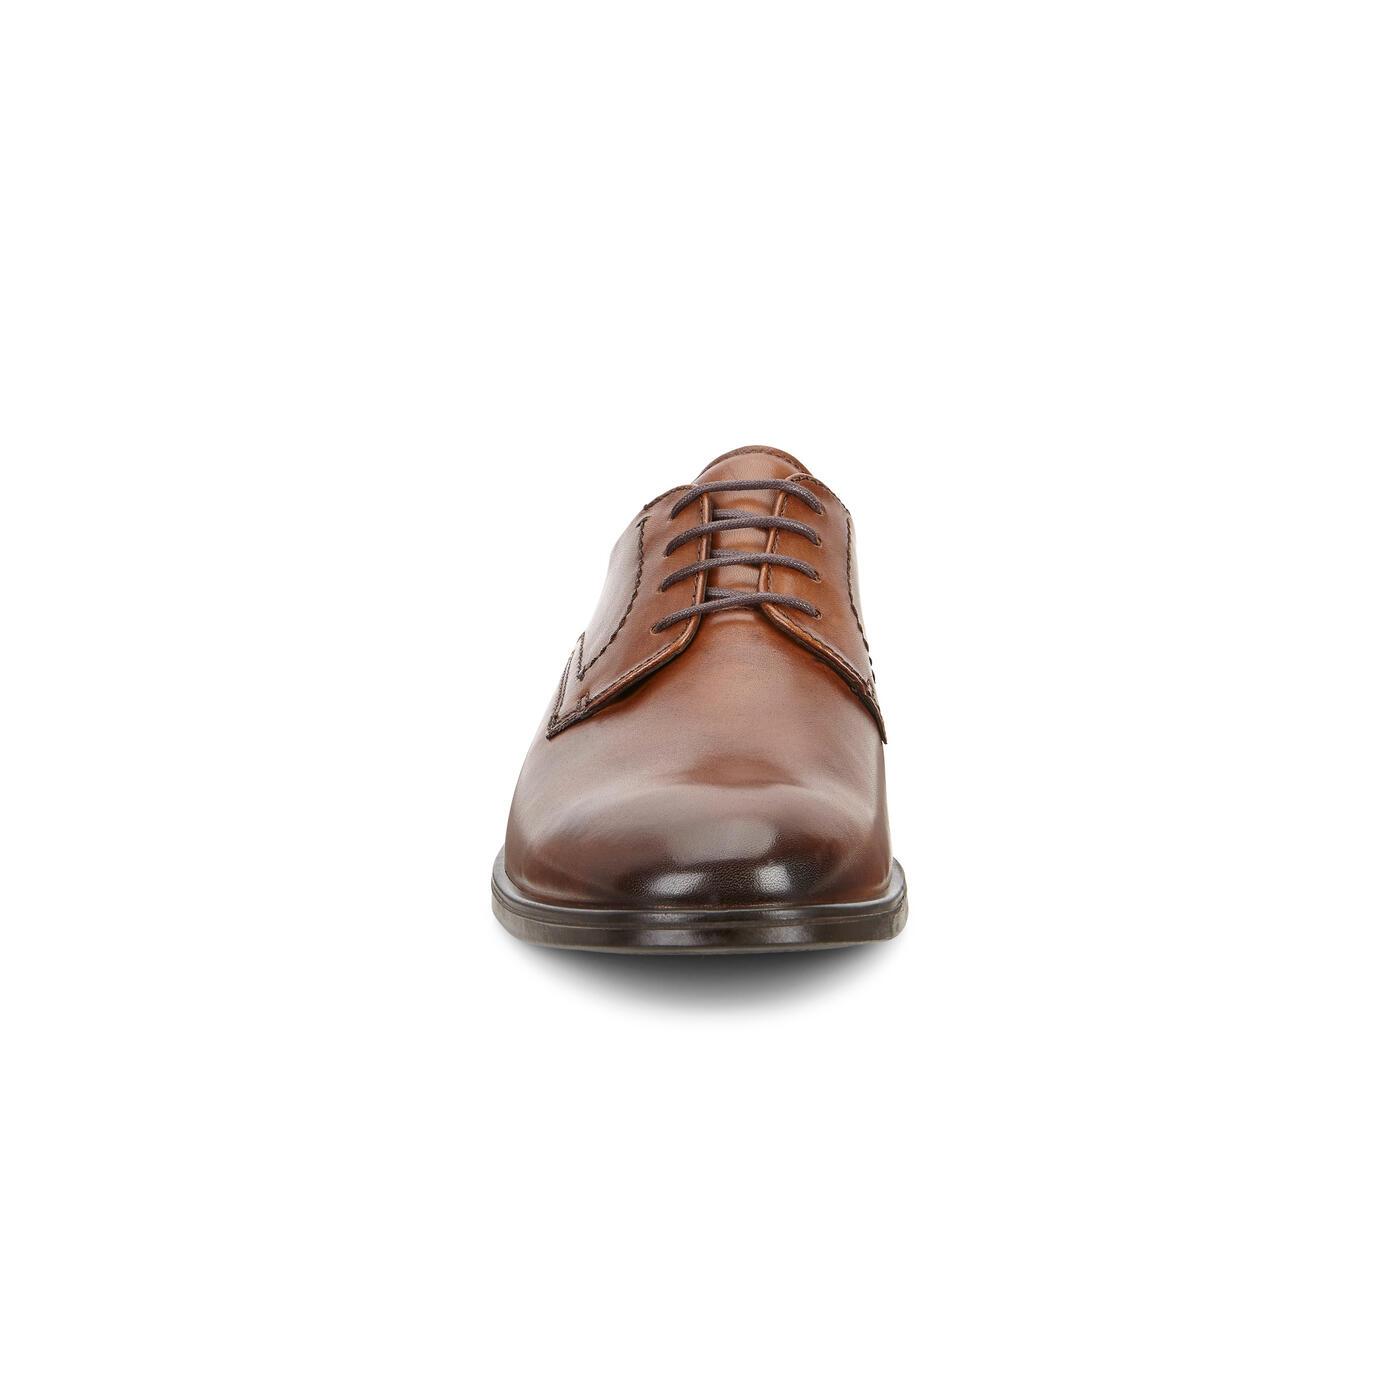 Chaussure lacée ECCO MELBOURNE Derby pour hommes